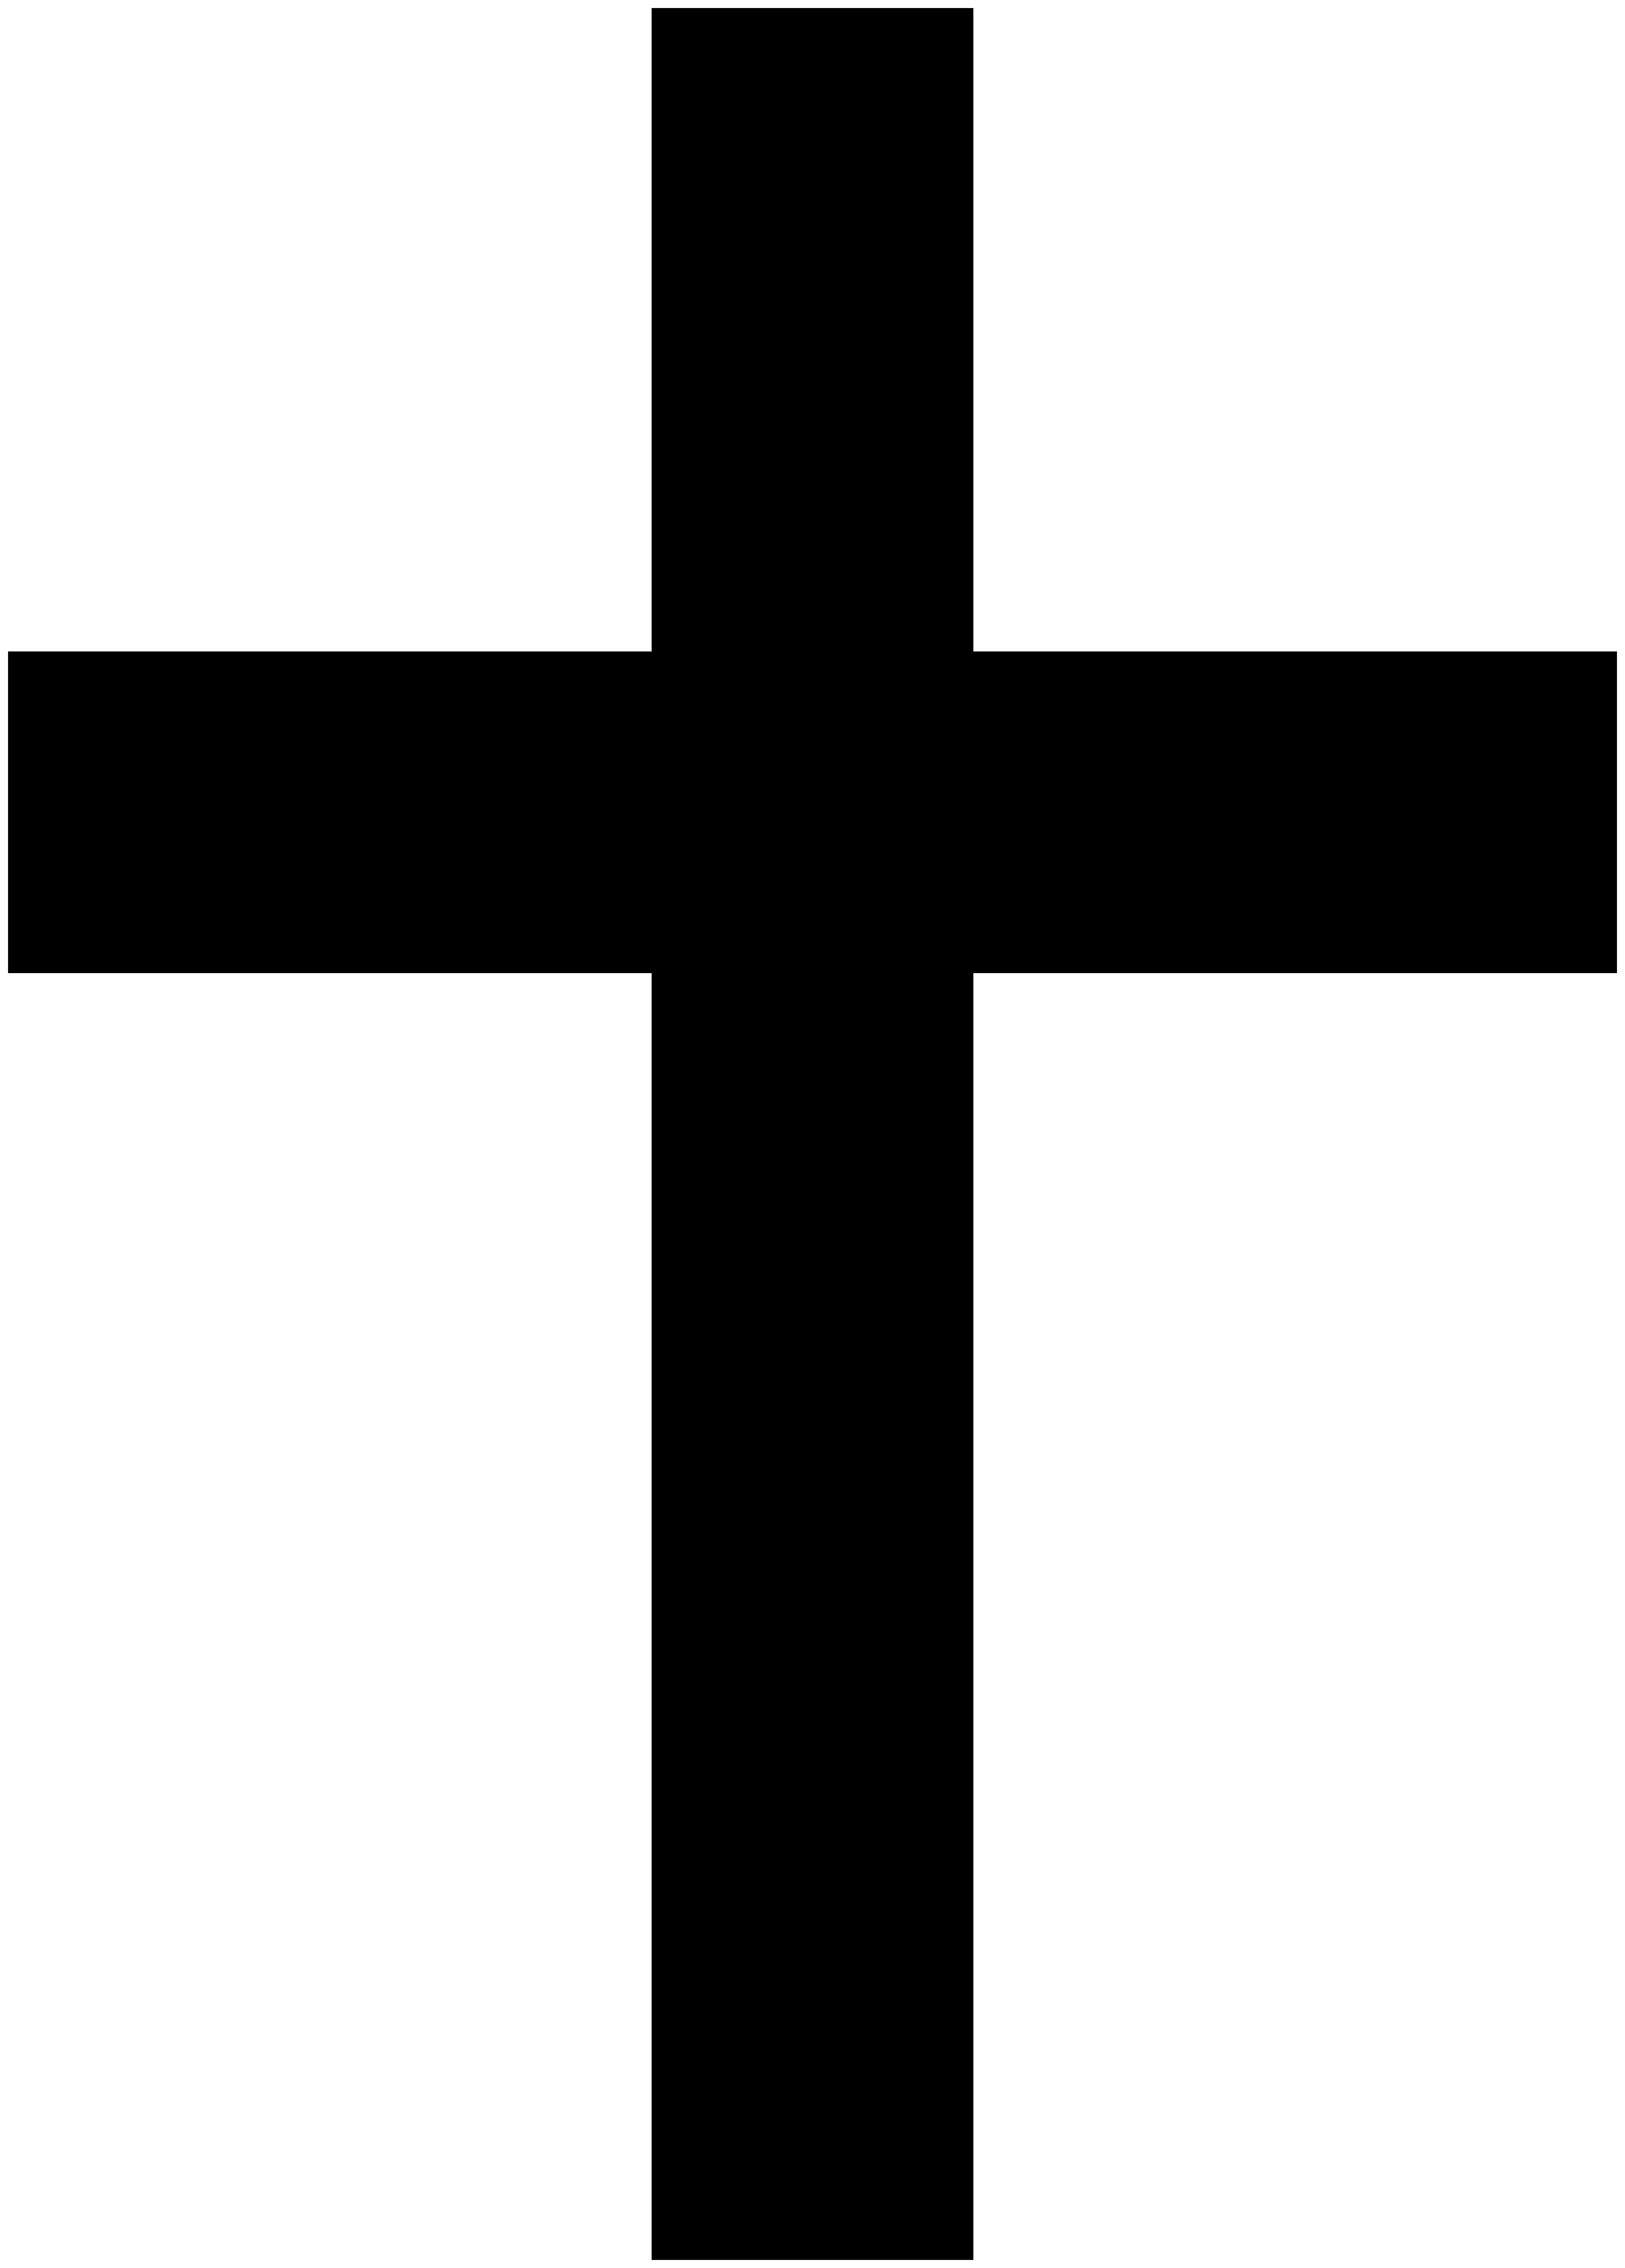 Christian cross - Wikipedia